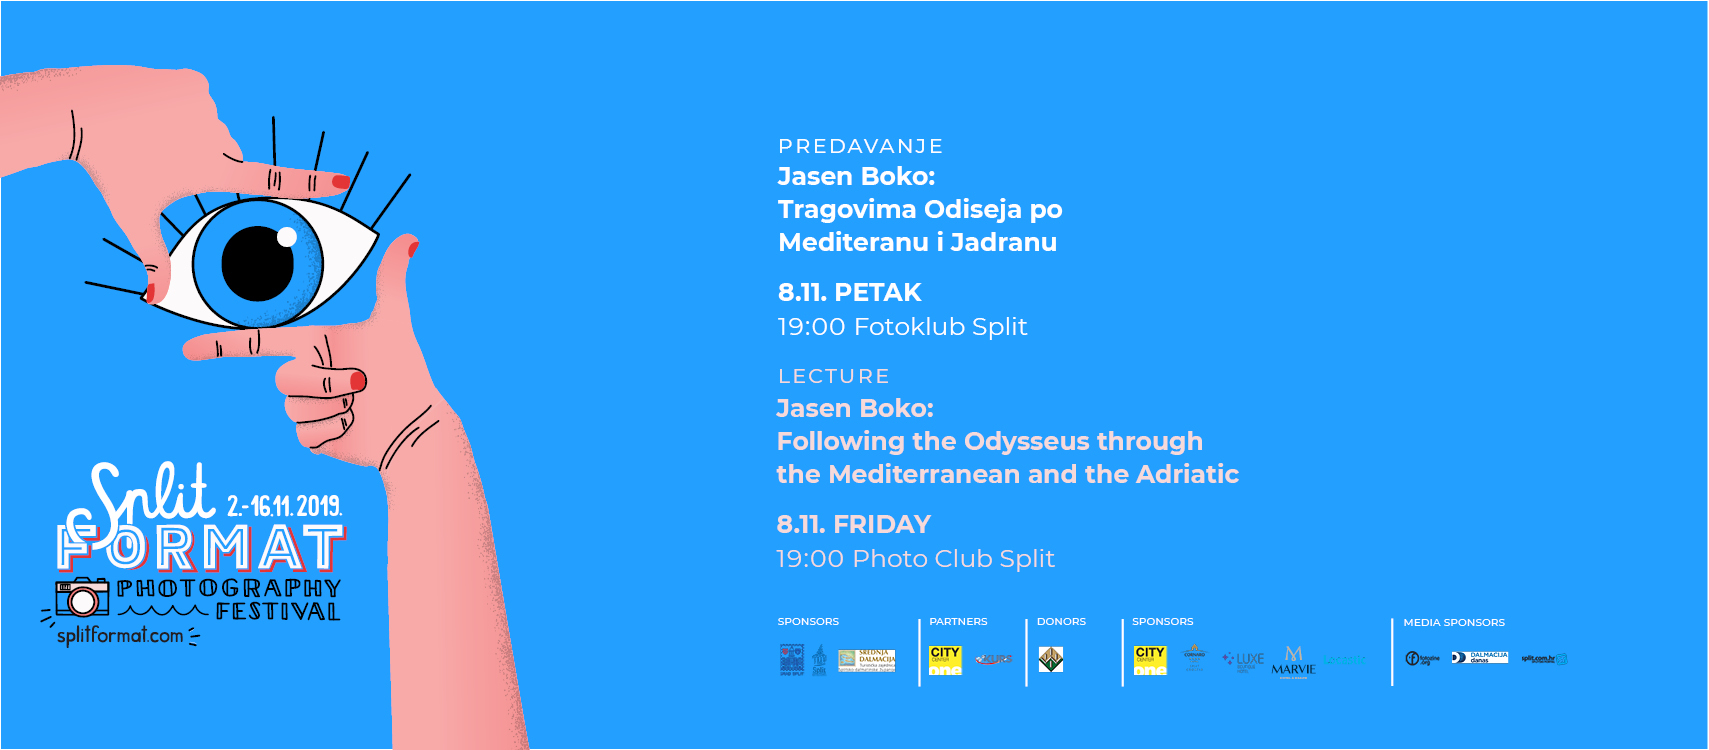 Jasen Boko: Tragovima Odiseja po Mediteranu i Jadranu